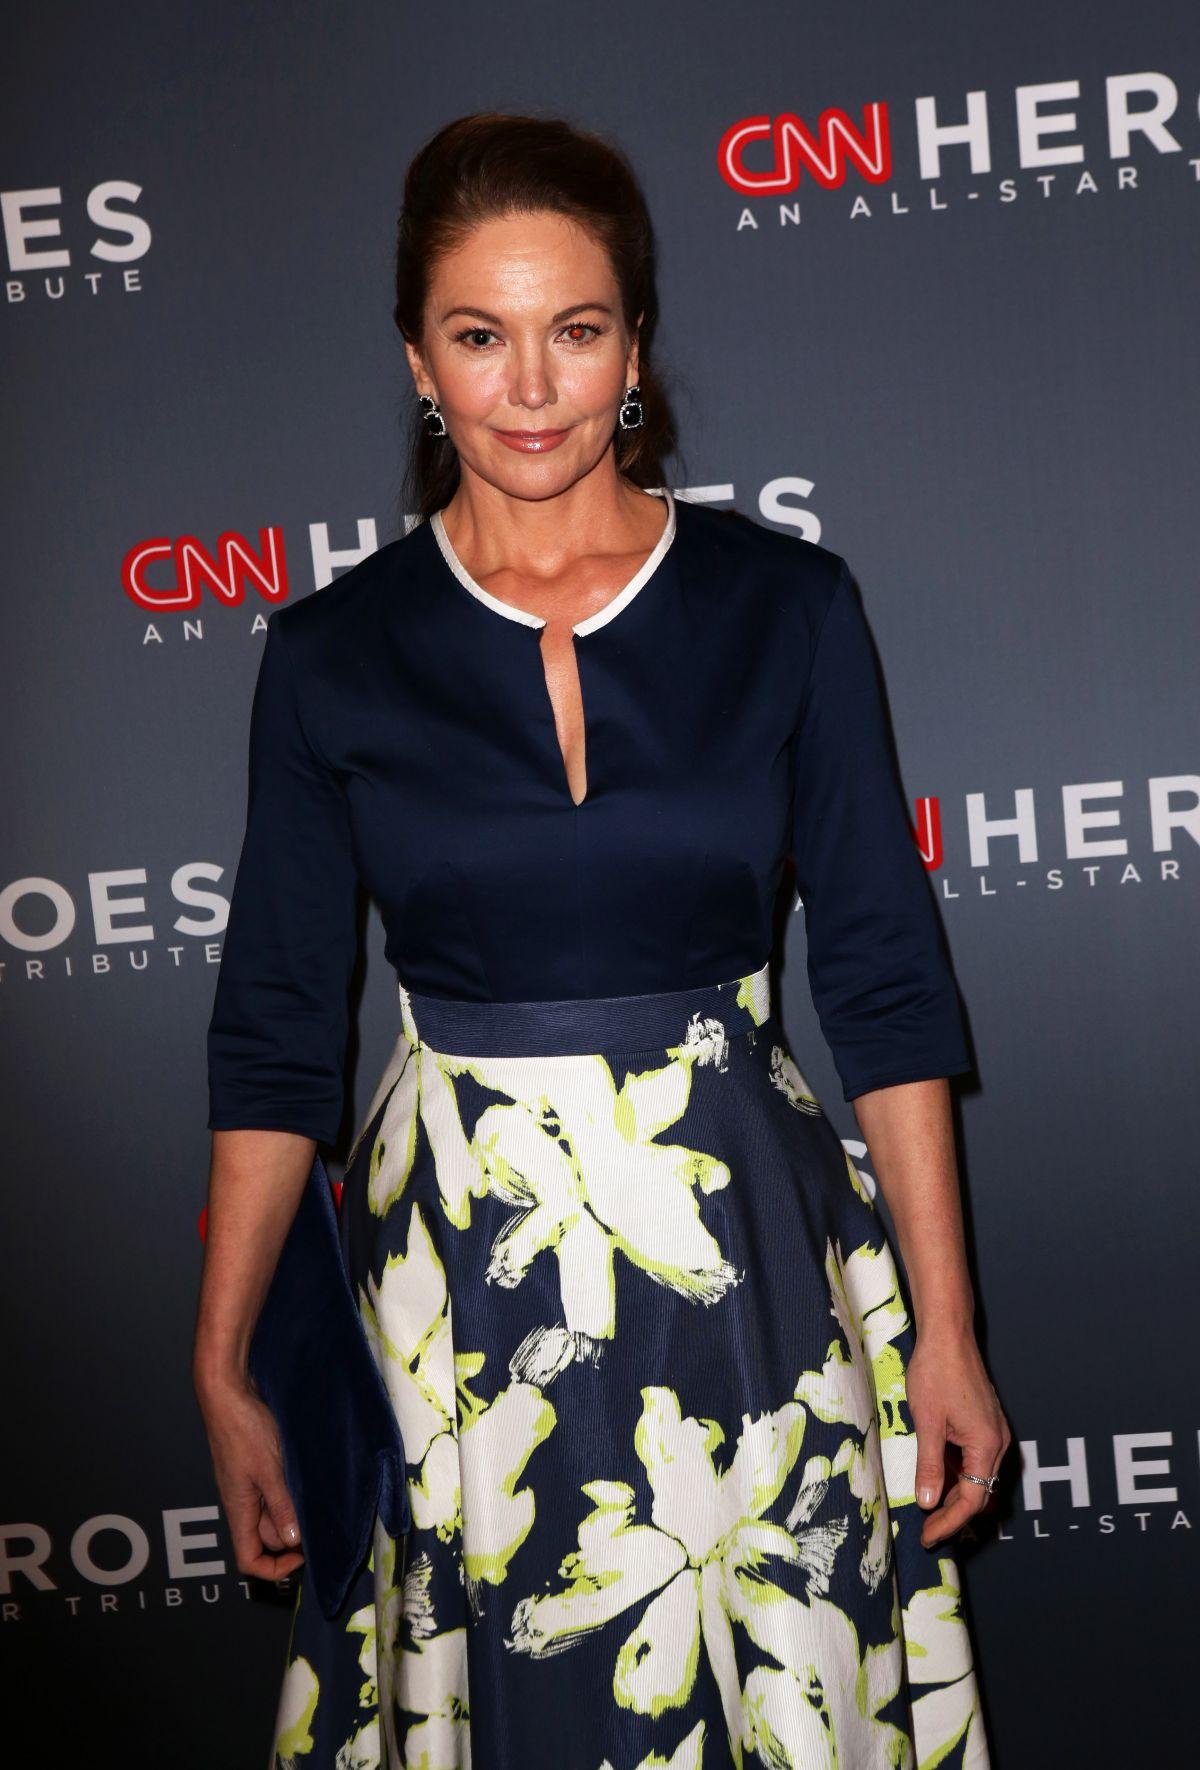 DIANE LANE at 11th Annual CNN Heroes: An All-star Tribute ...